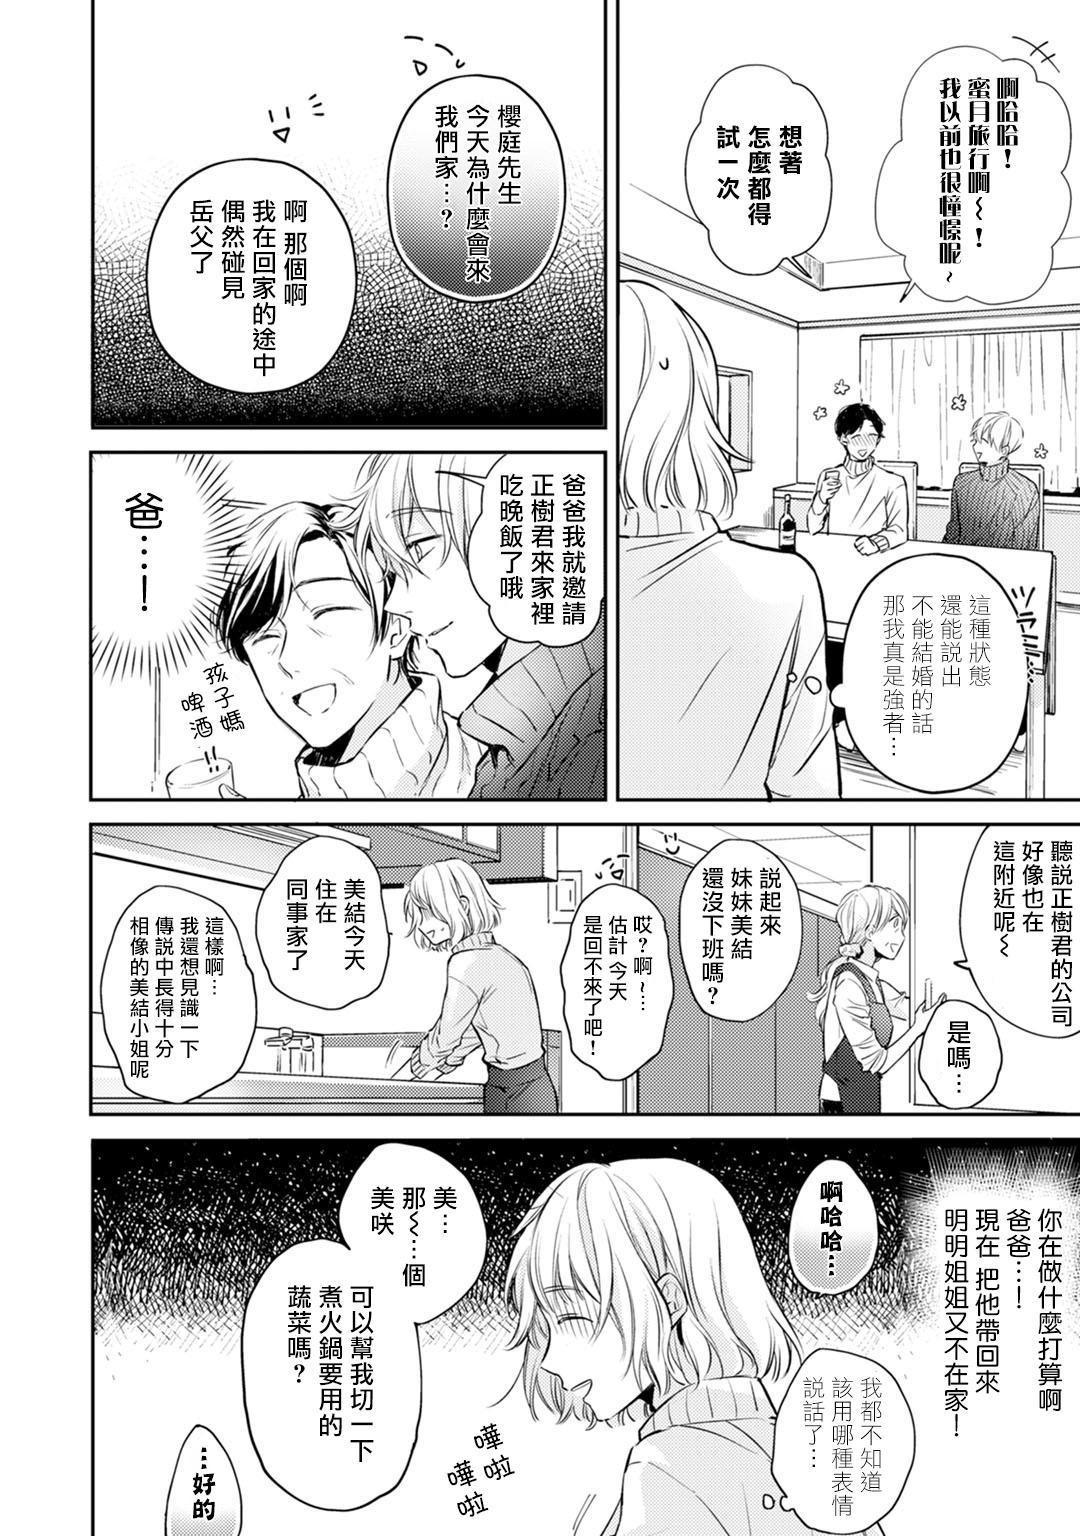 [Shichigatsu Motomi]  Sonna Kao shite, Sasotteru? ~Dekiai Shachou to Migawari Omiaikekkon!?~ 1-11  這種表情,在誘惑我嗎?~溺愛社長和替身相親結婚!? [Chinese] [拾荒者汉化组] 34